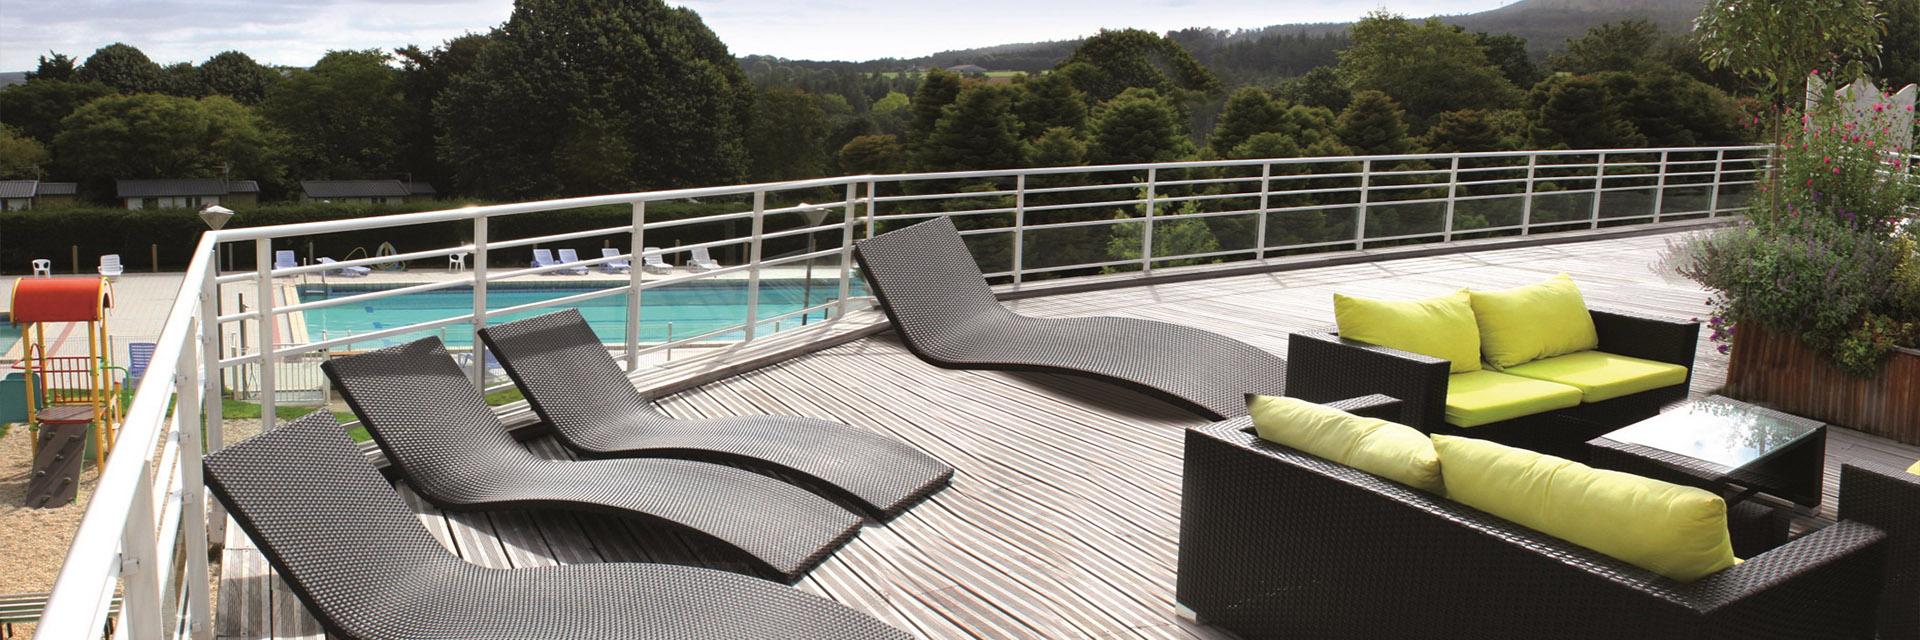 Village-club-vacances-bretagne-sud-ker-beuz-terrasse-piscine